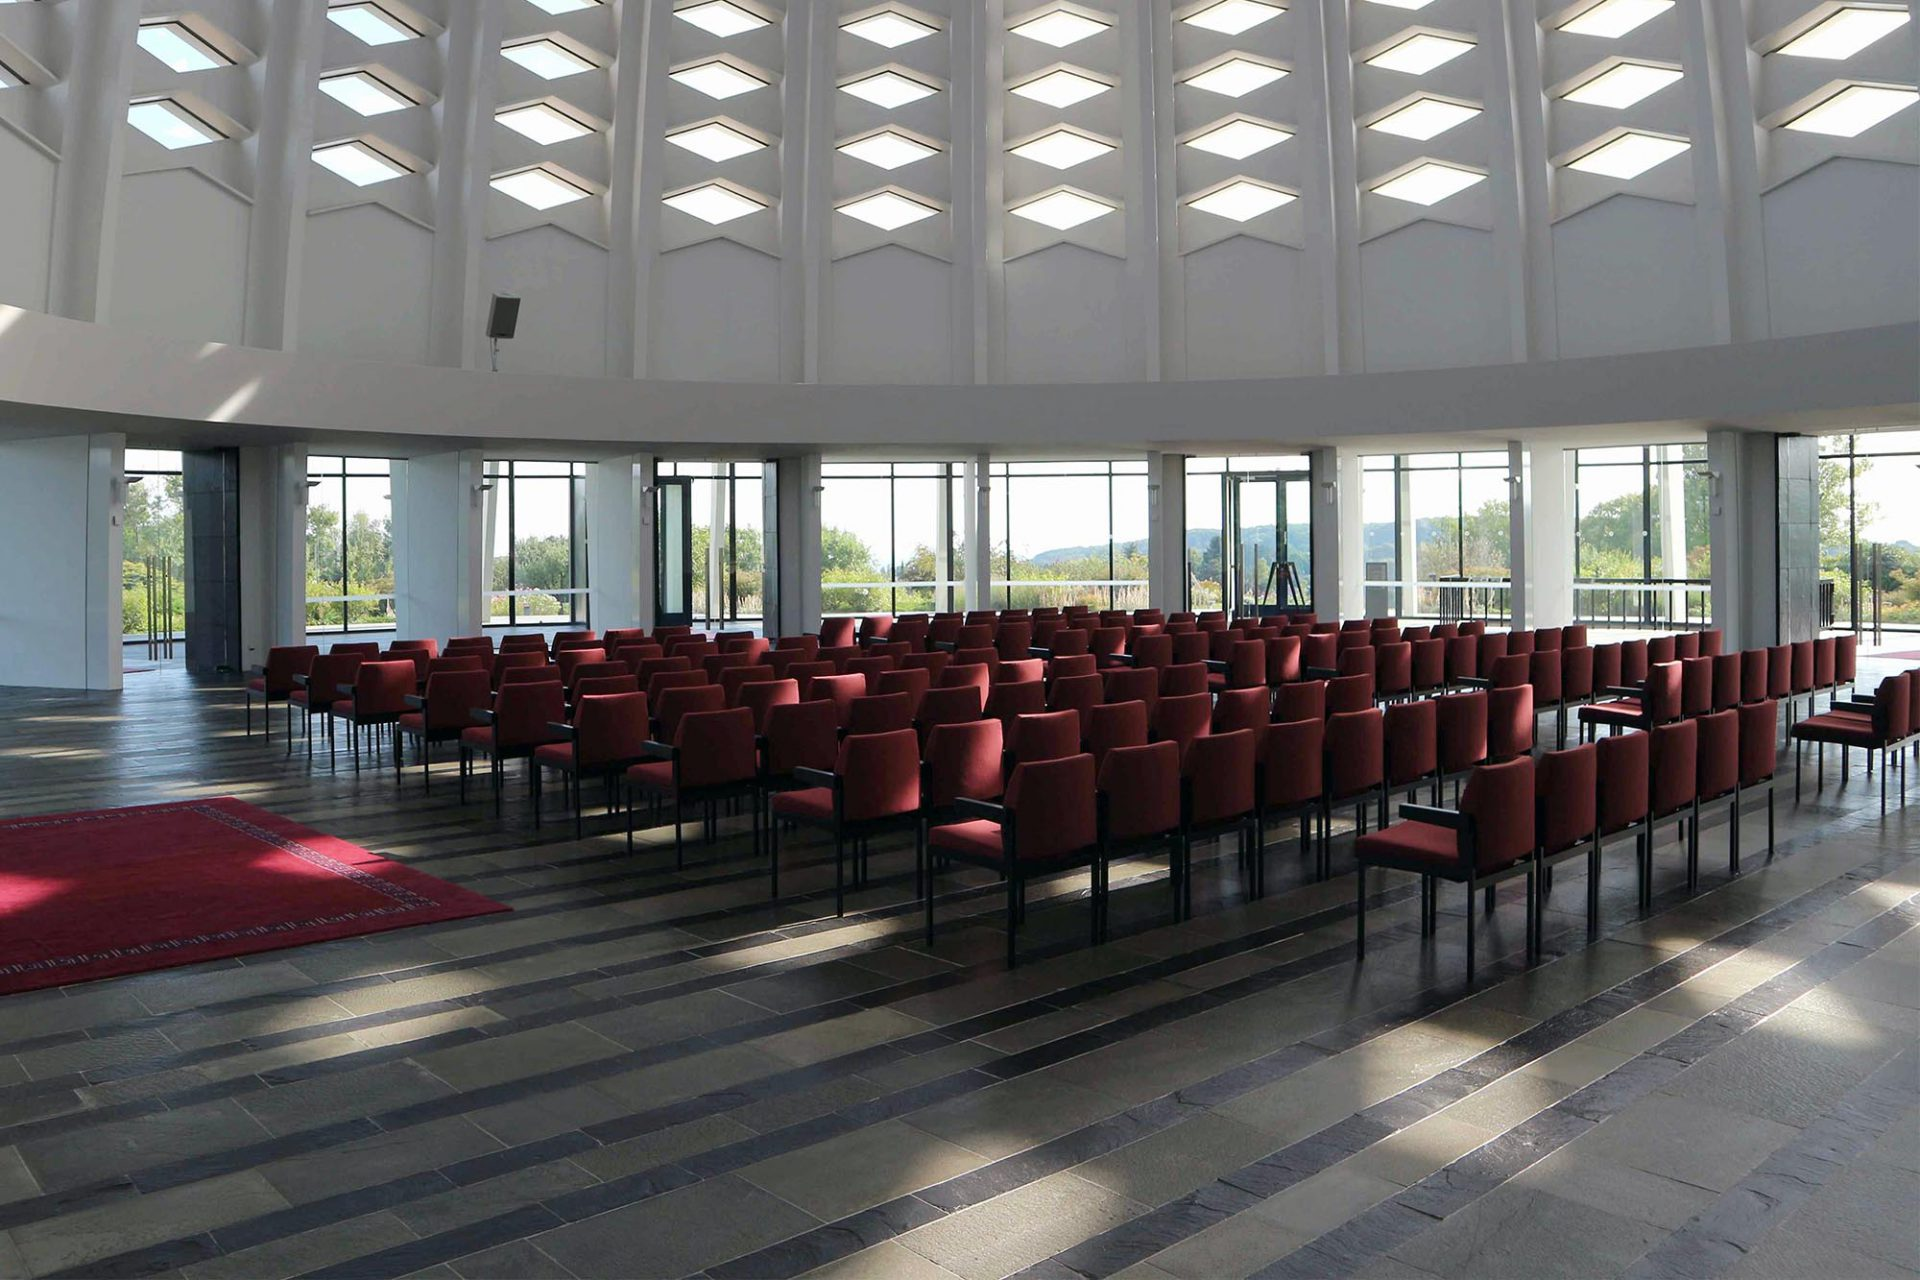 Der Gebetsraum. Ein heller, feierlicher Raum.